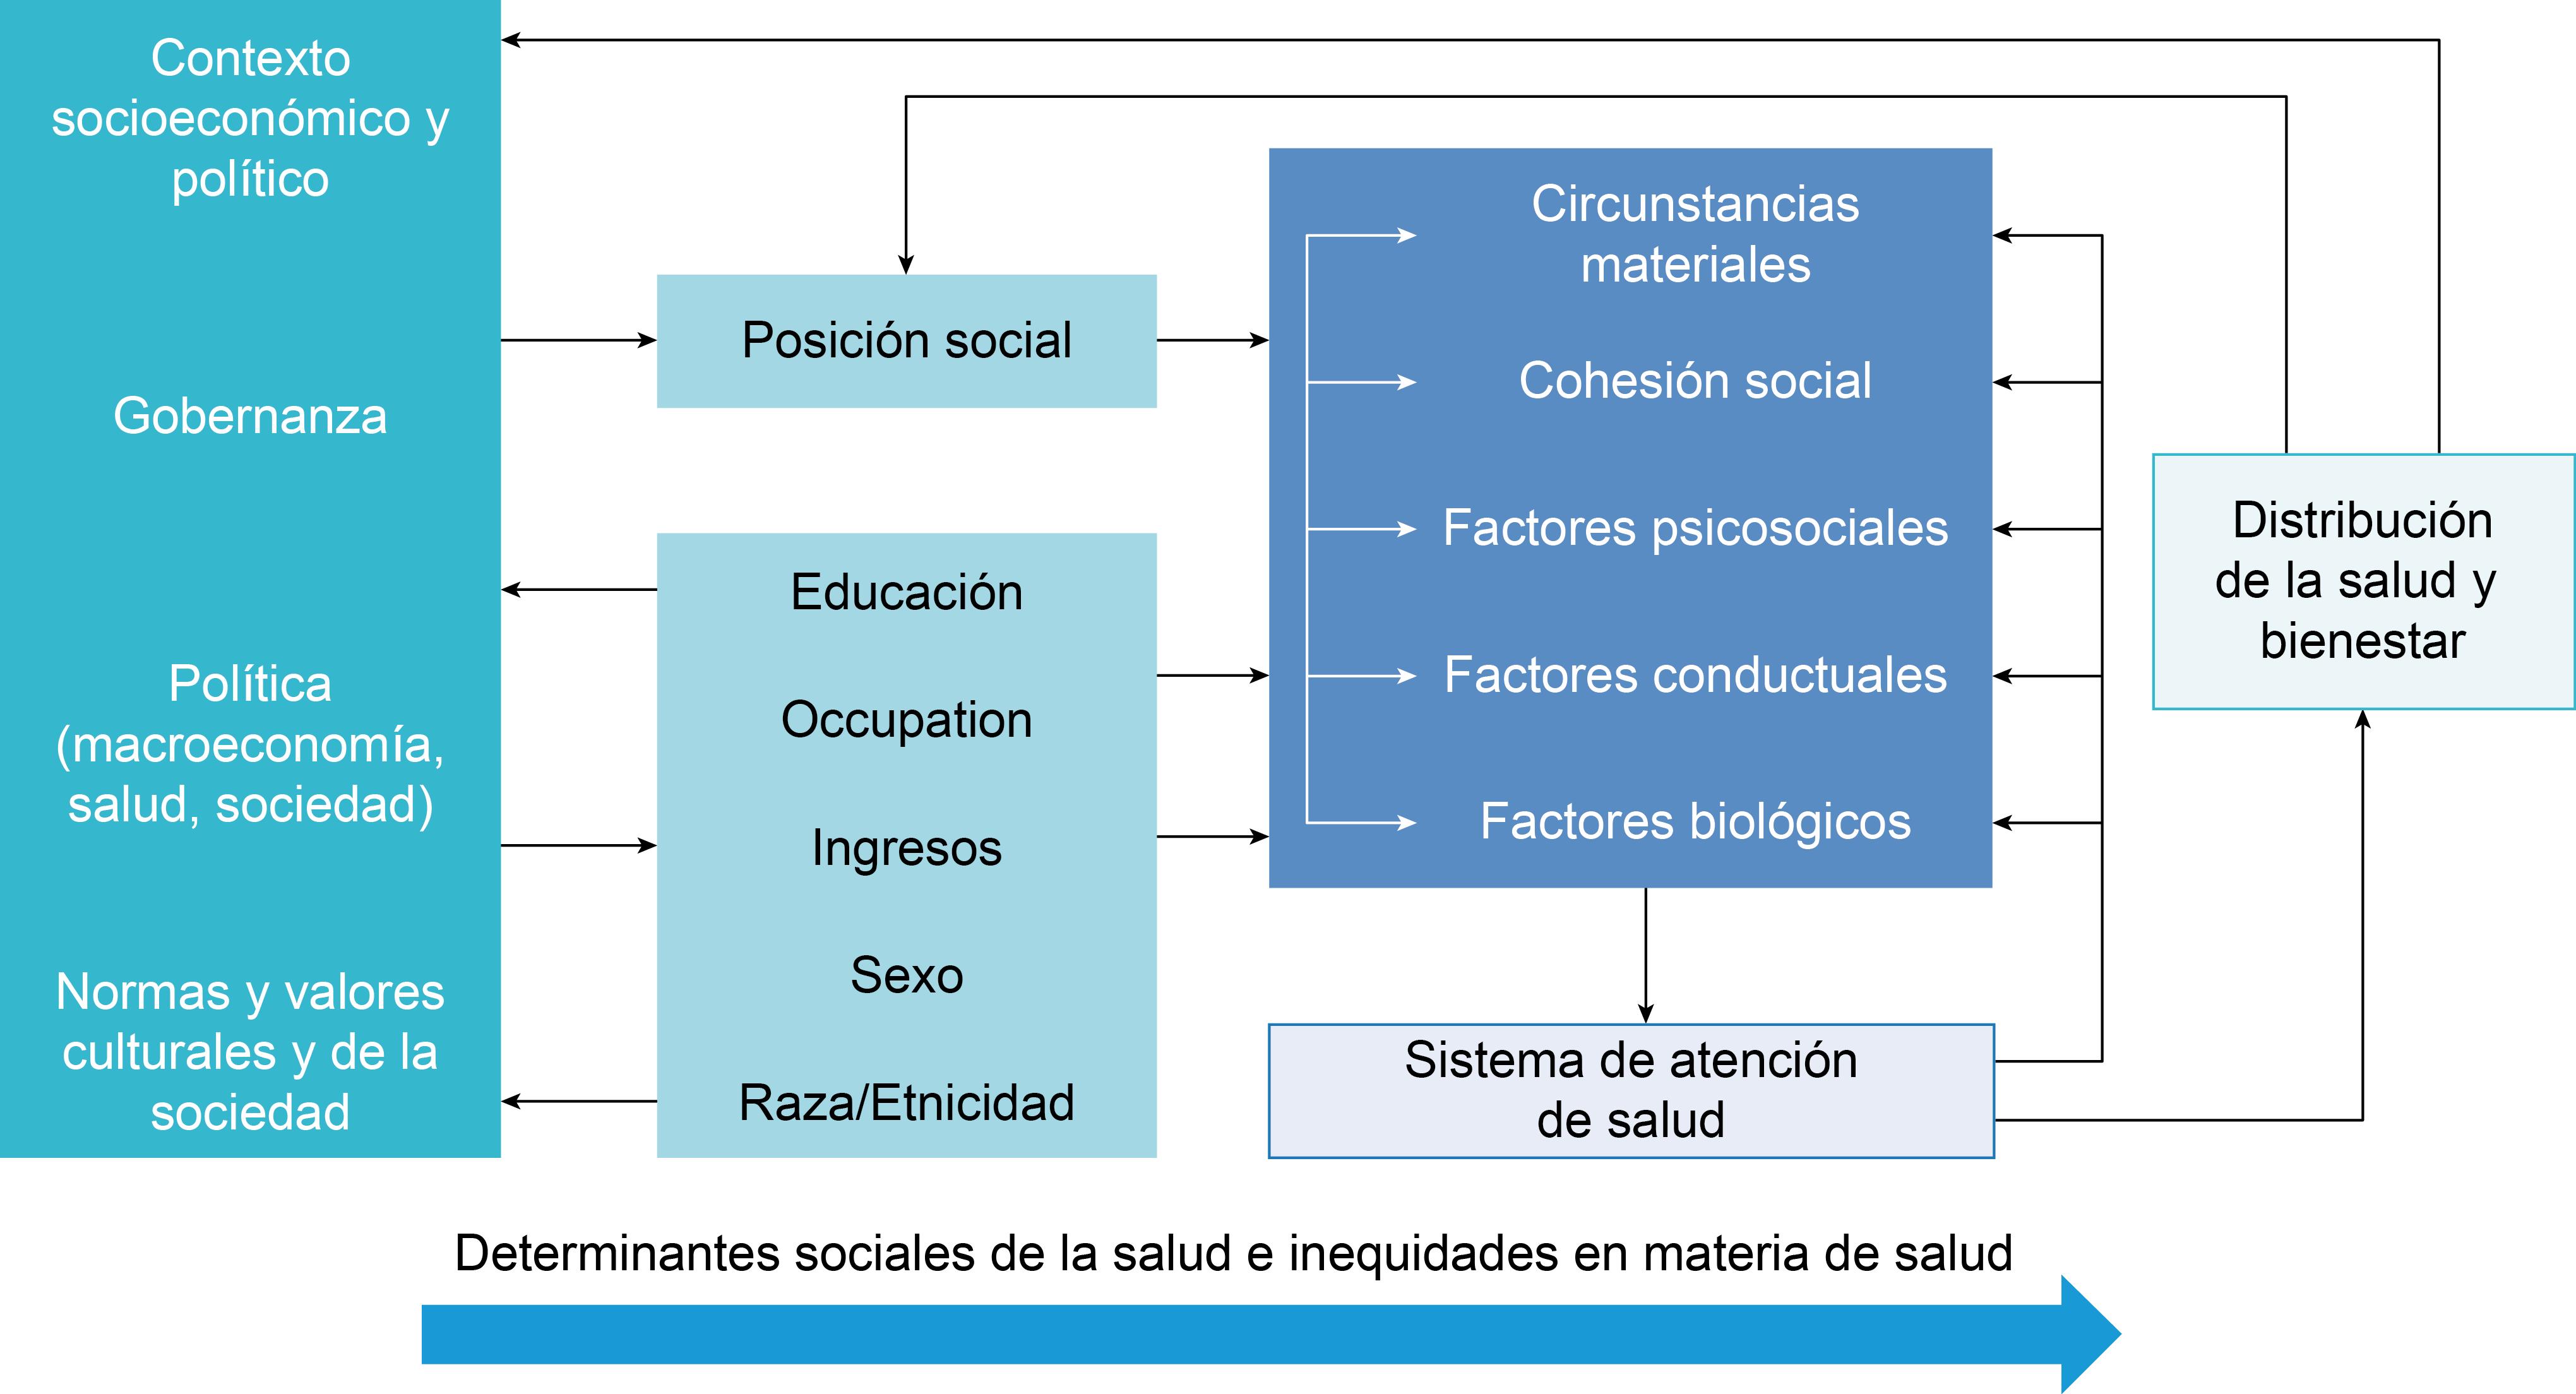 Determinantes Sociales De La Salud En La Región De Las Américas